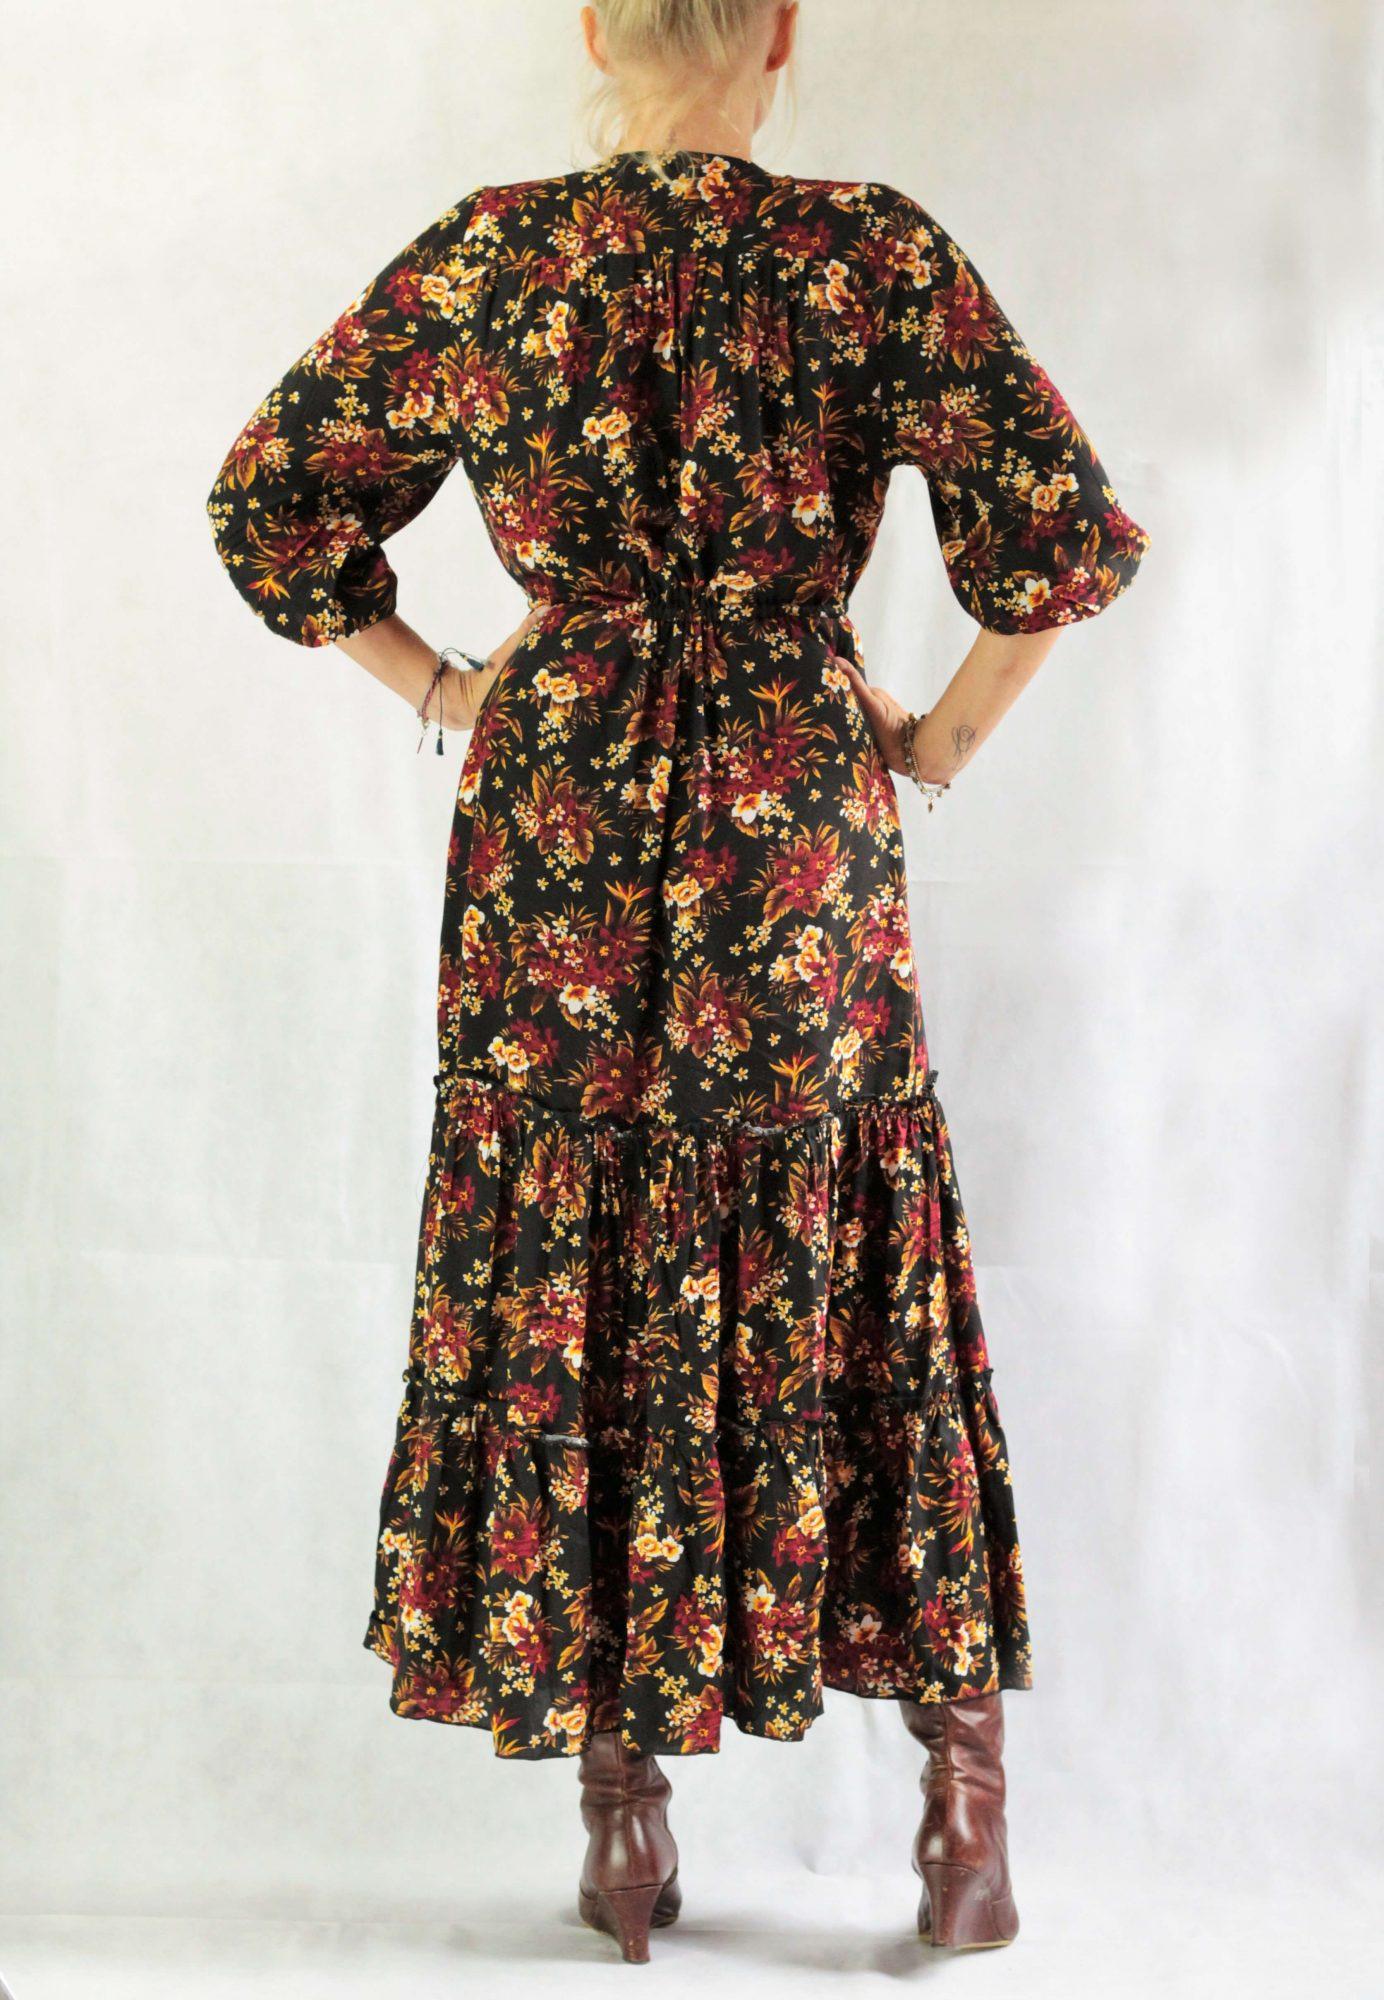 Designer Genial Kleid Mit Blumen Galerie15 Schön Kleid Mit Blumen Design